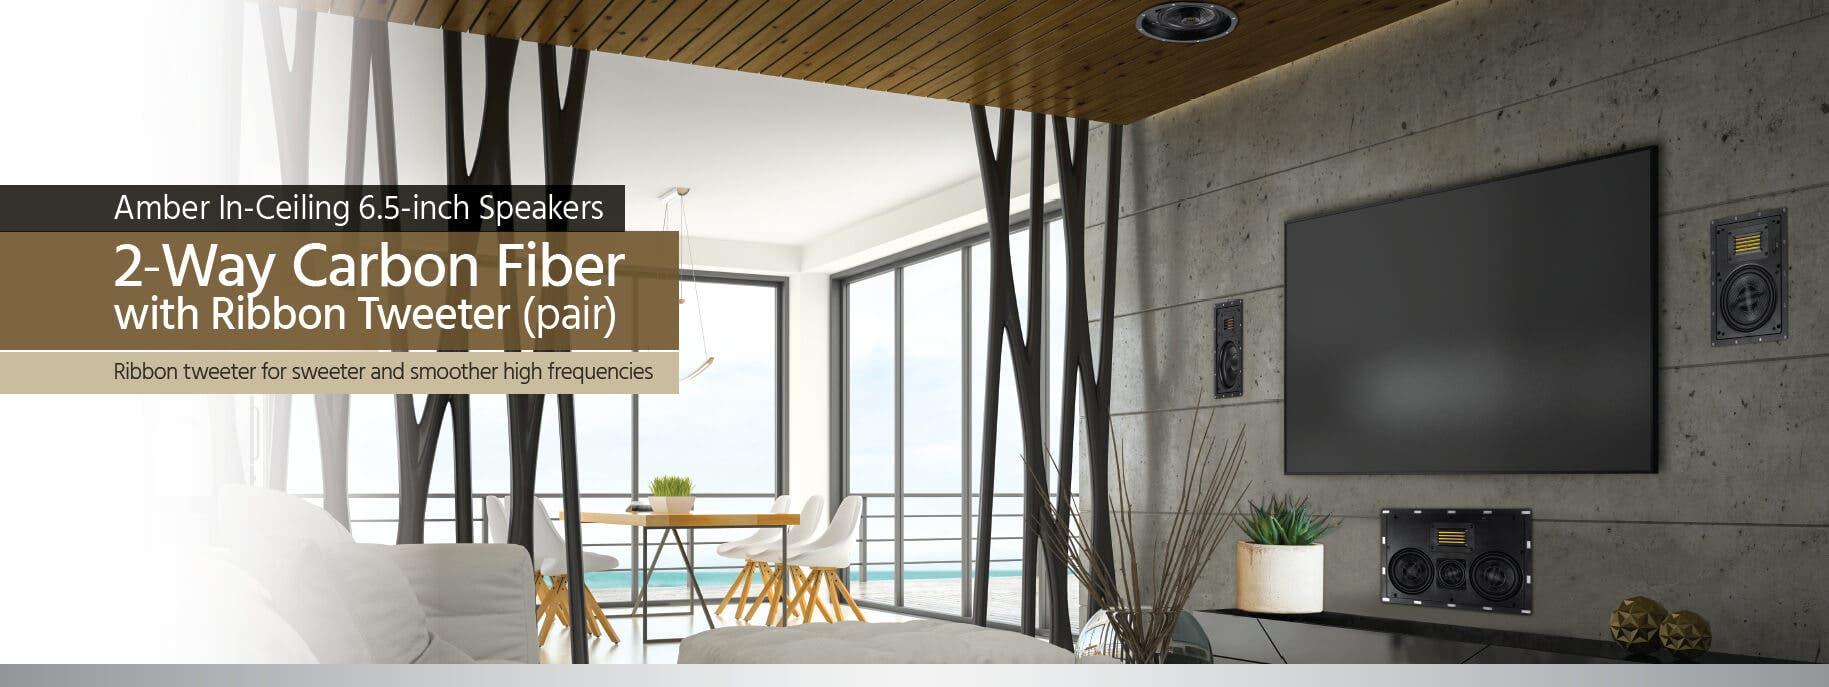 Amber In-Ceiling Speaker